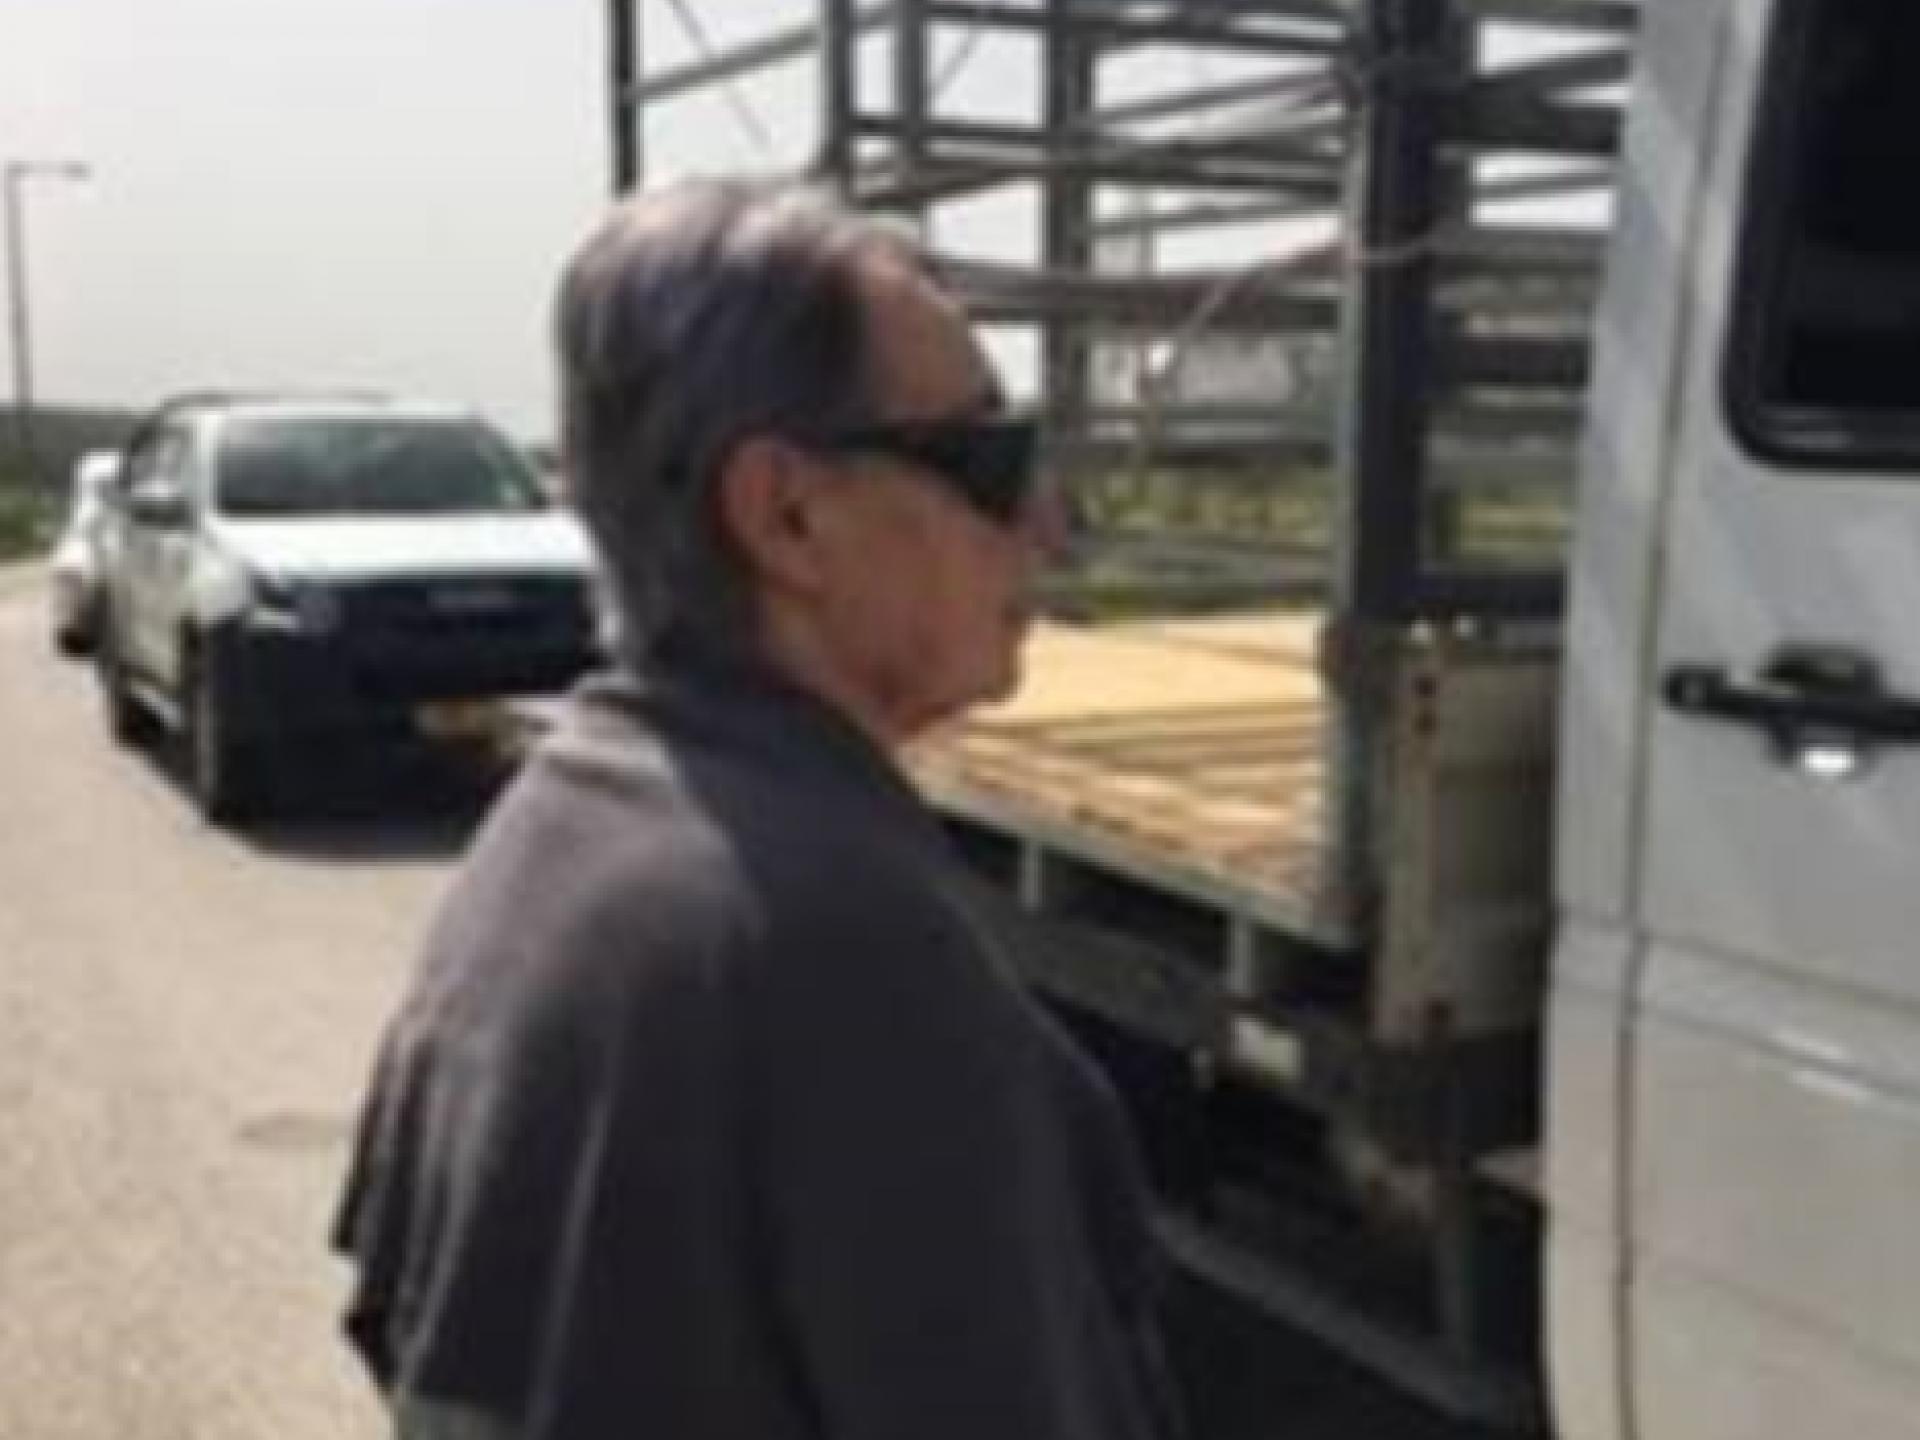 רואים בתמונה את חסידה משוחחת עם נהג משאית במגרש החניה של המחסום